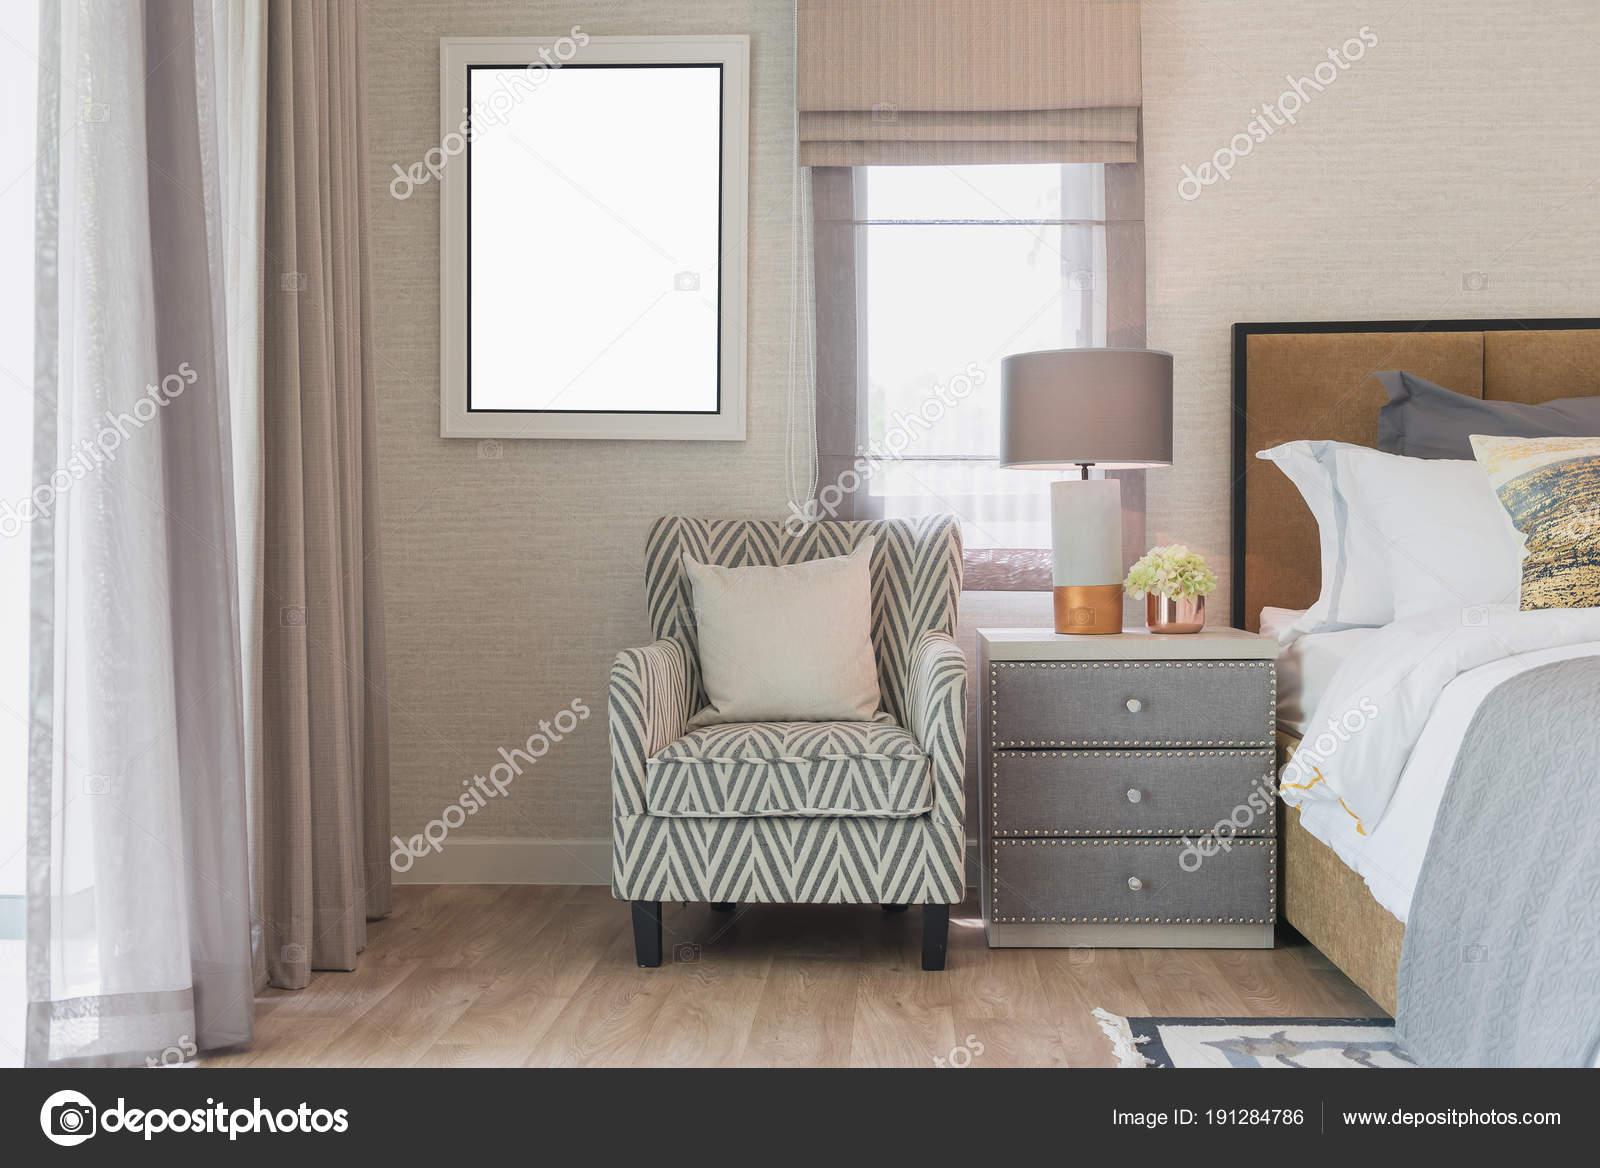 stile classico camera da letto con comodo divano — Foto Stock ...